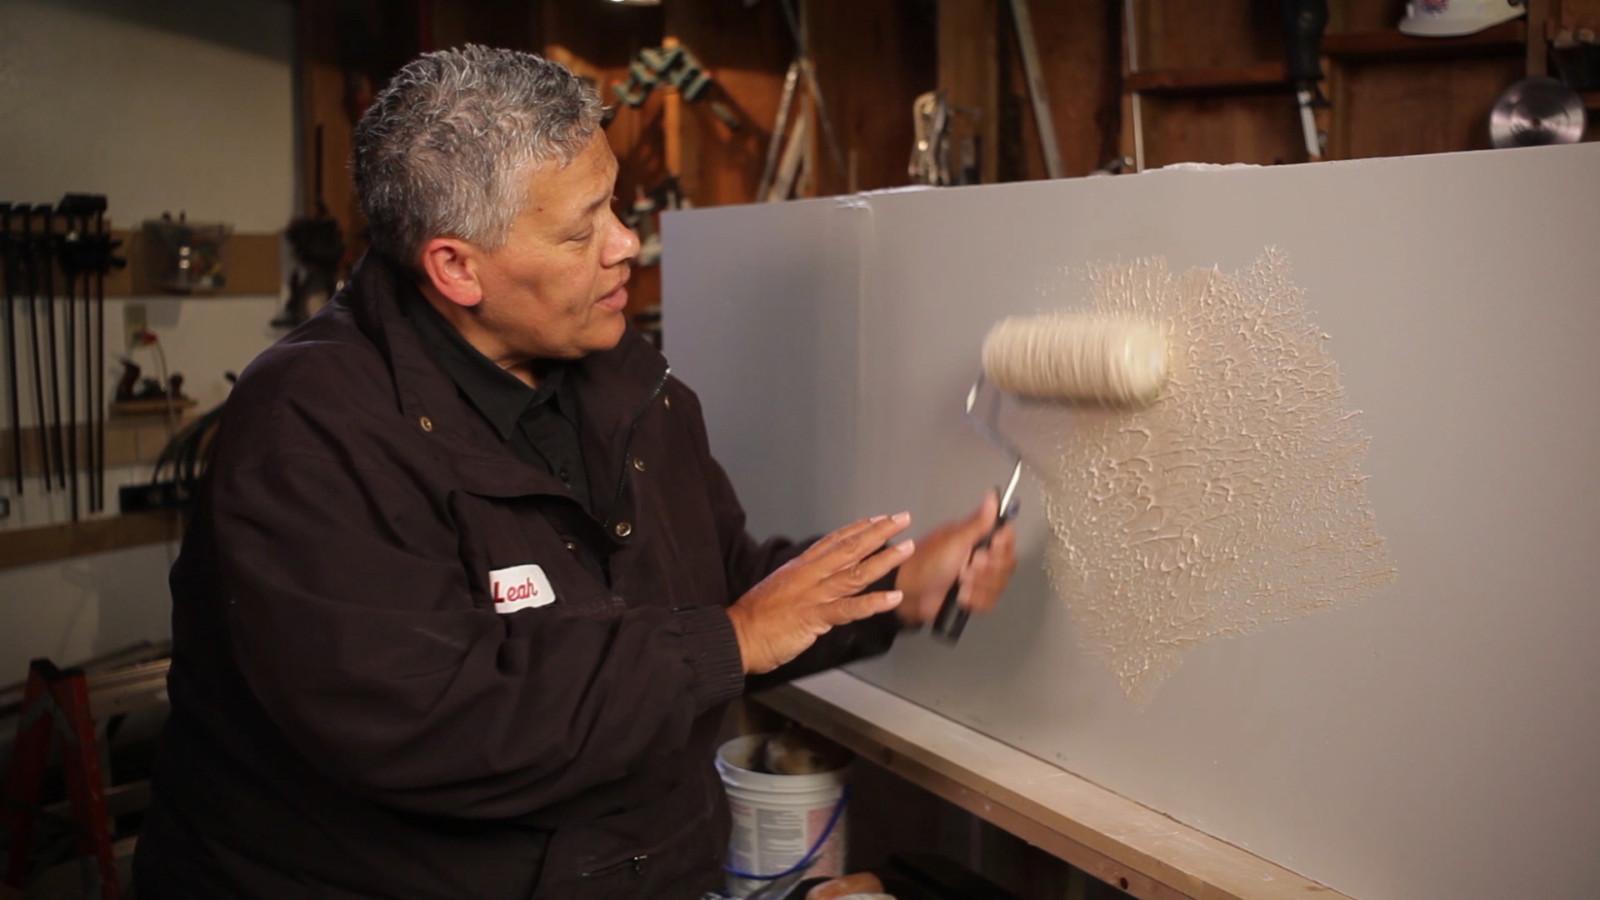 Hướng dẫn cho người mới bắt đầu để tạo họa tiết cho tường và trần nhà